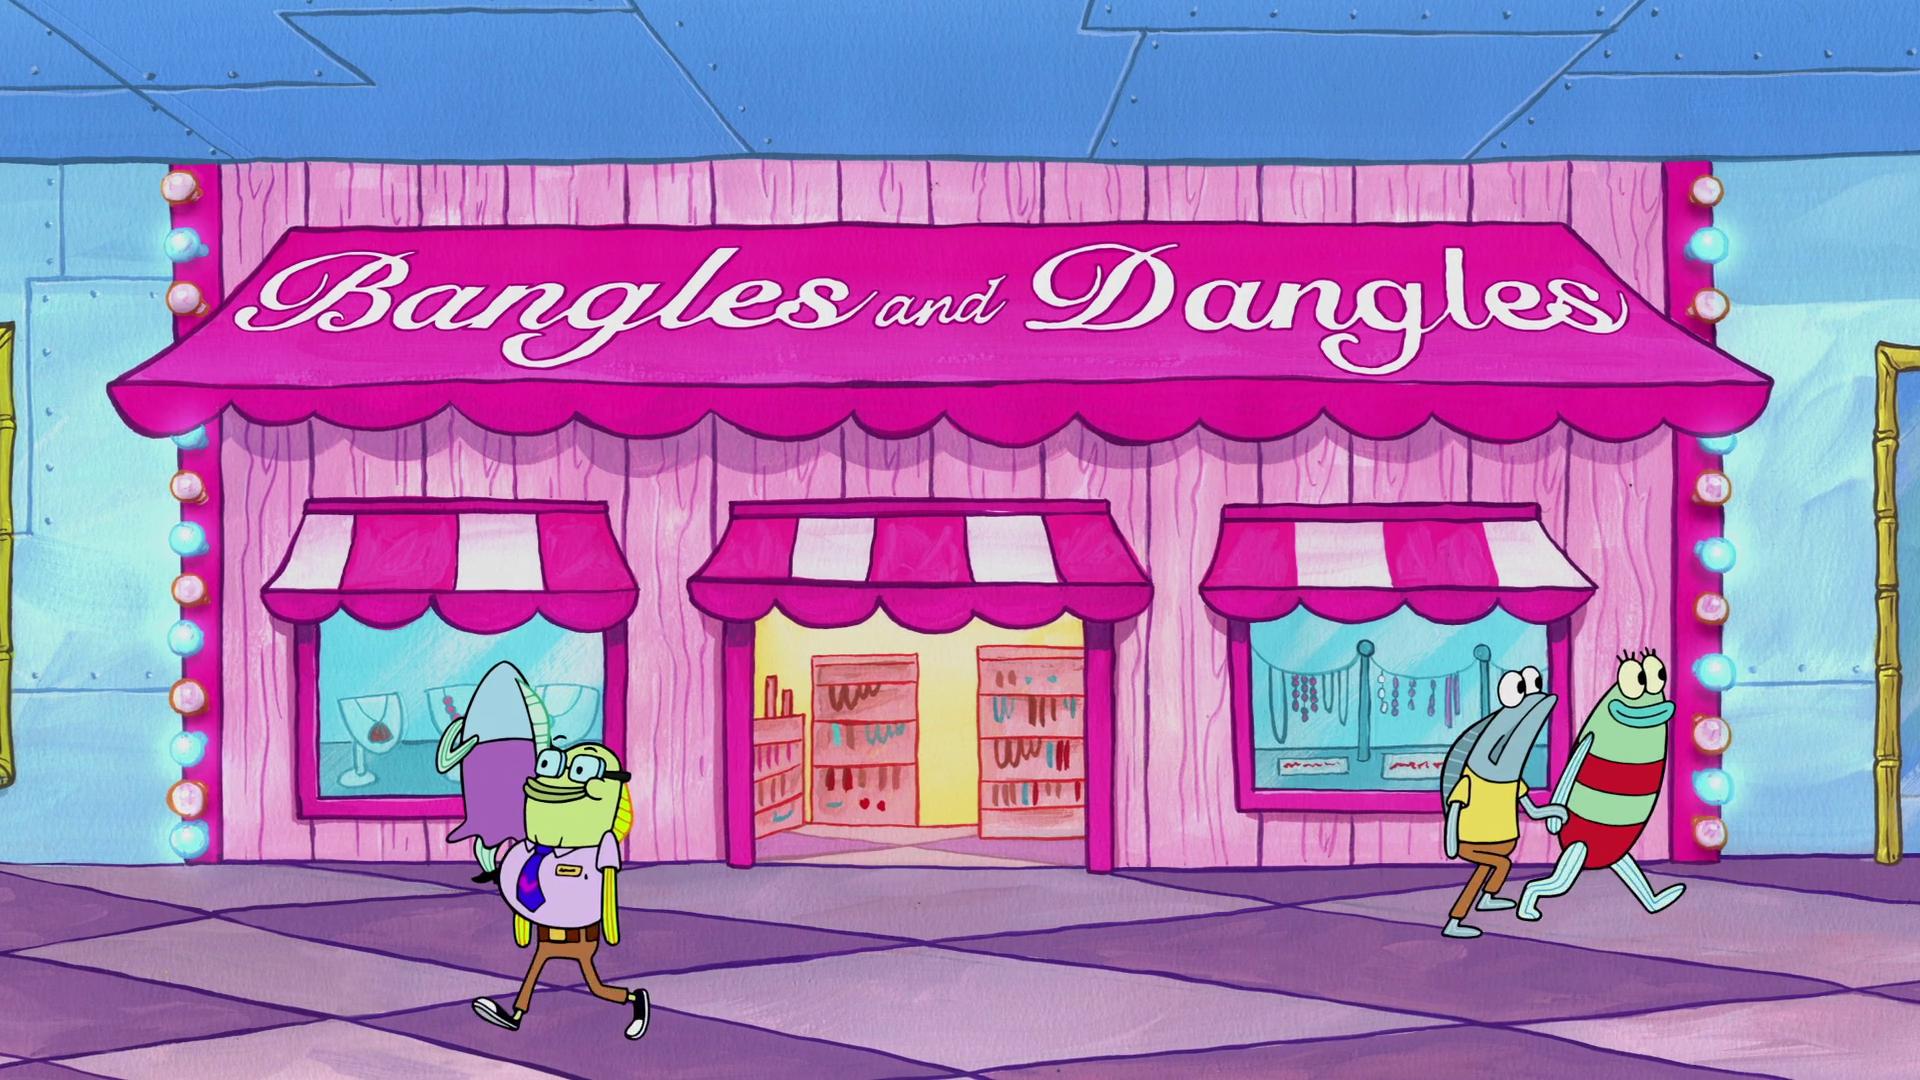 Bangles and Dangles